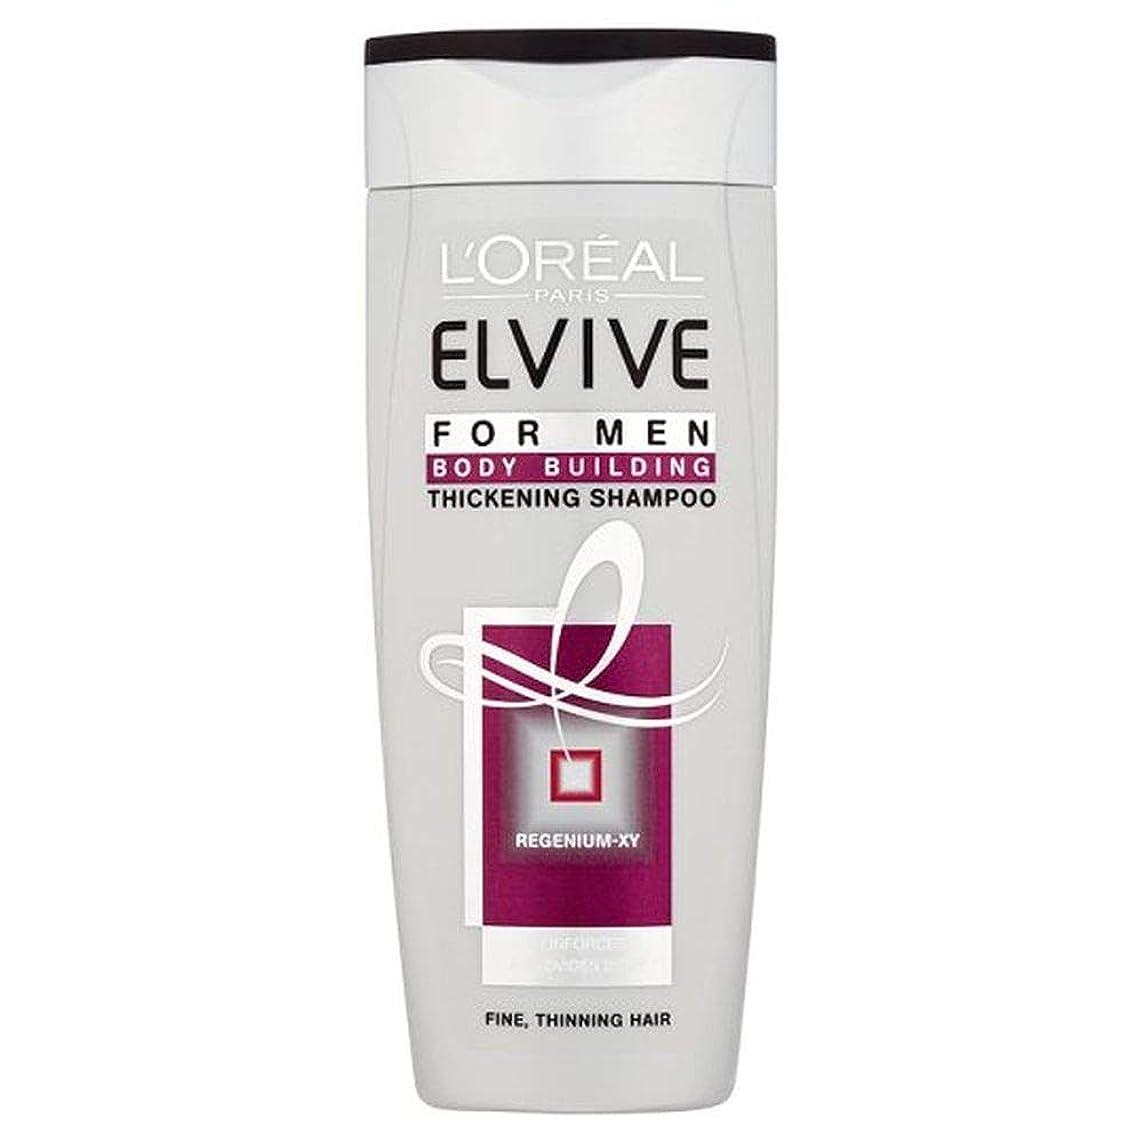 目覚めるましいなめらか[Elvive] シャンプー300ミリリットルを厚くロレアルElvive男性 - L'oreal Elvive Men Thickening Shampoo 300Ml [並行輸入品]